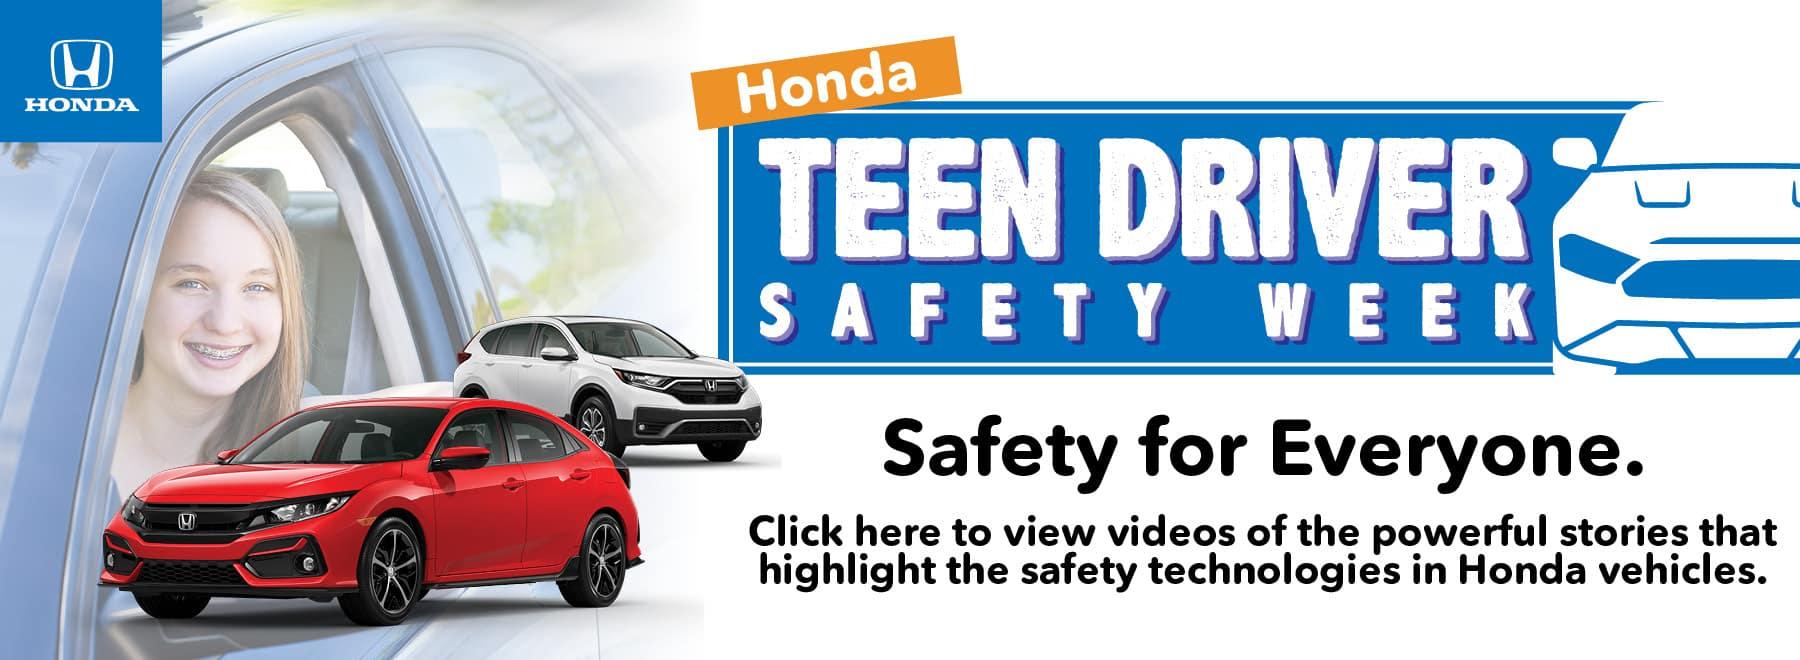 HOTR-1322 Teen Driver Safey Week_4